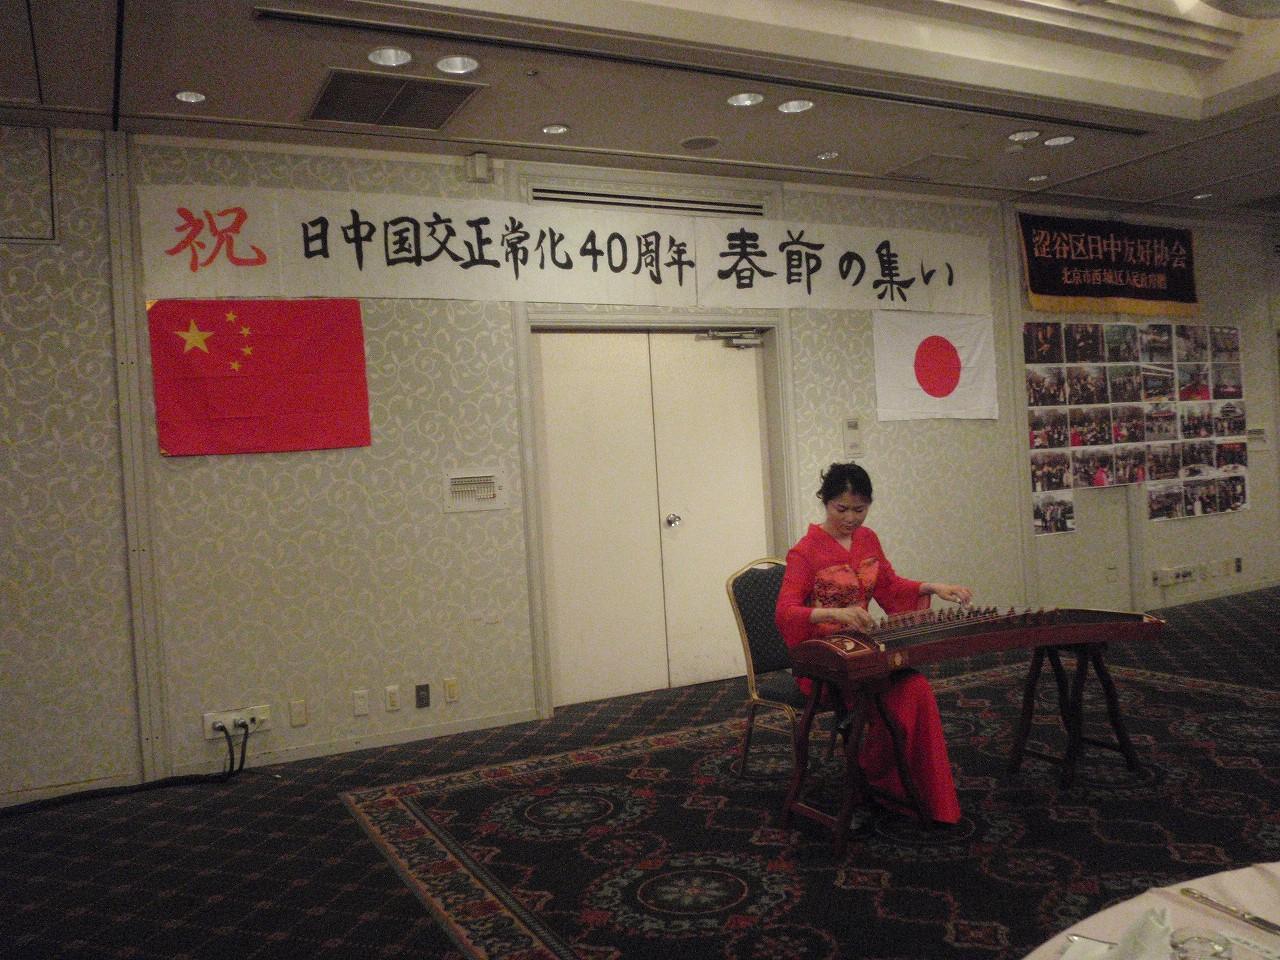 渋谷区日中大会2014.8